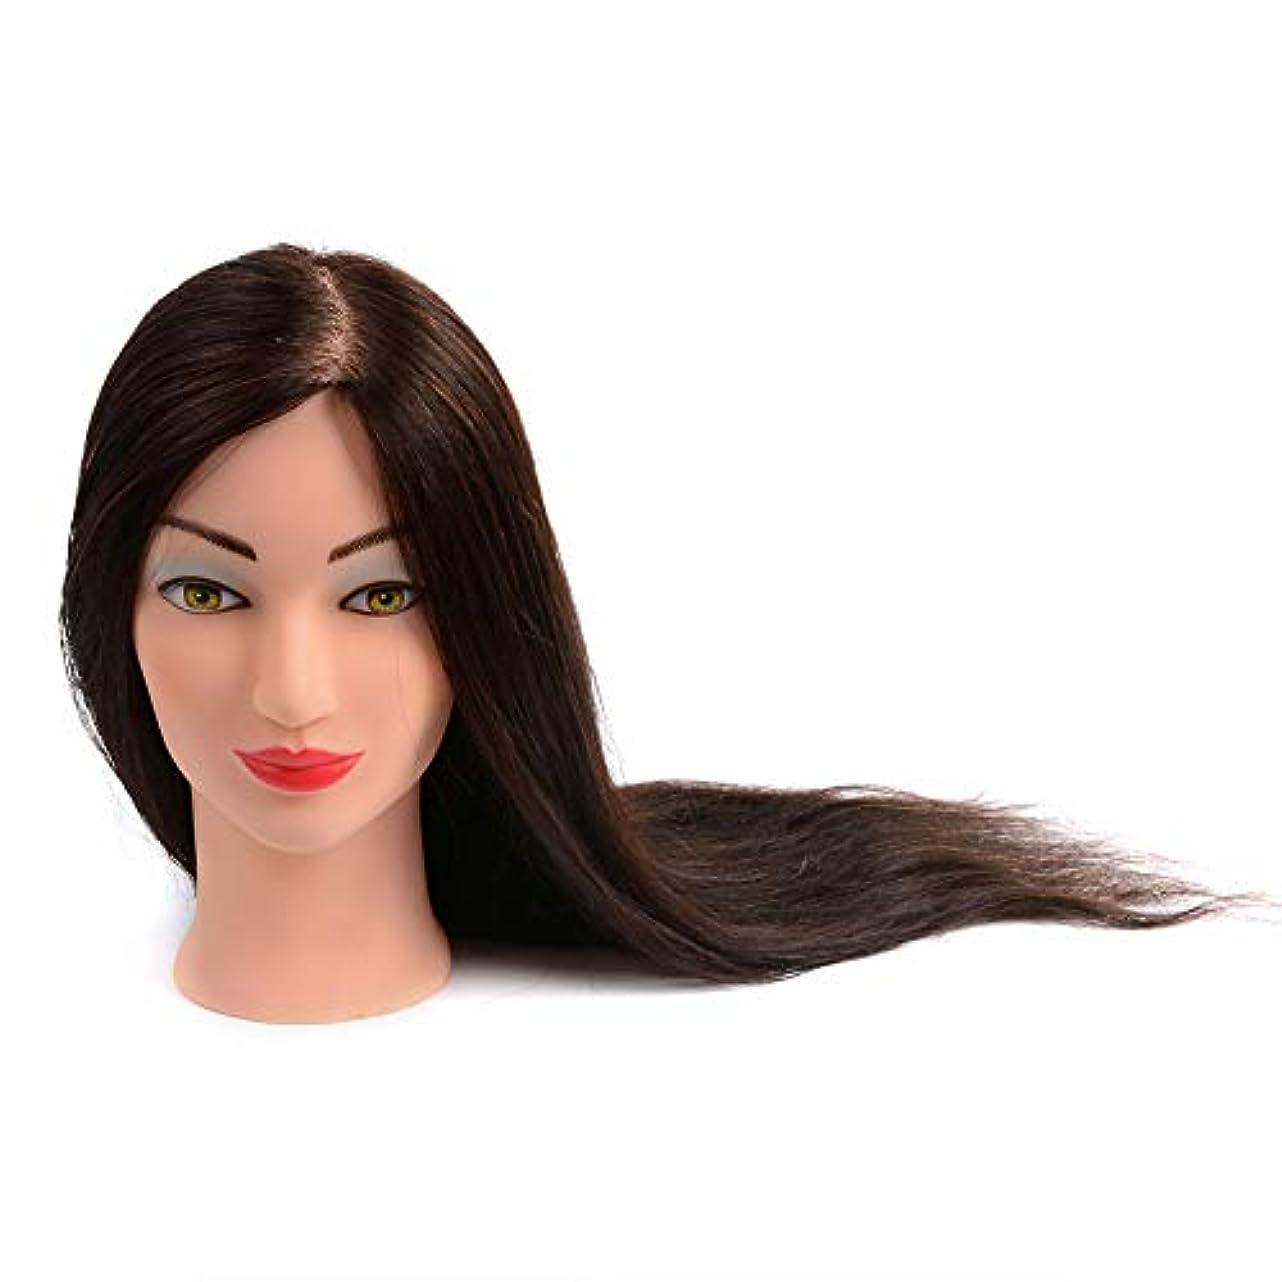 普通の震える流星サロン散髪学習ダミーヘッドブライダルメイクスタイリングプラクティスモデルの髪を染めることができ、漂白ティーチングヘッド